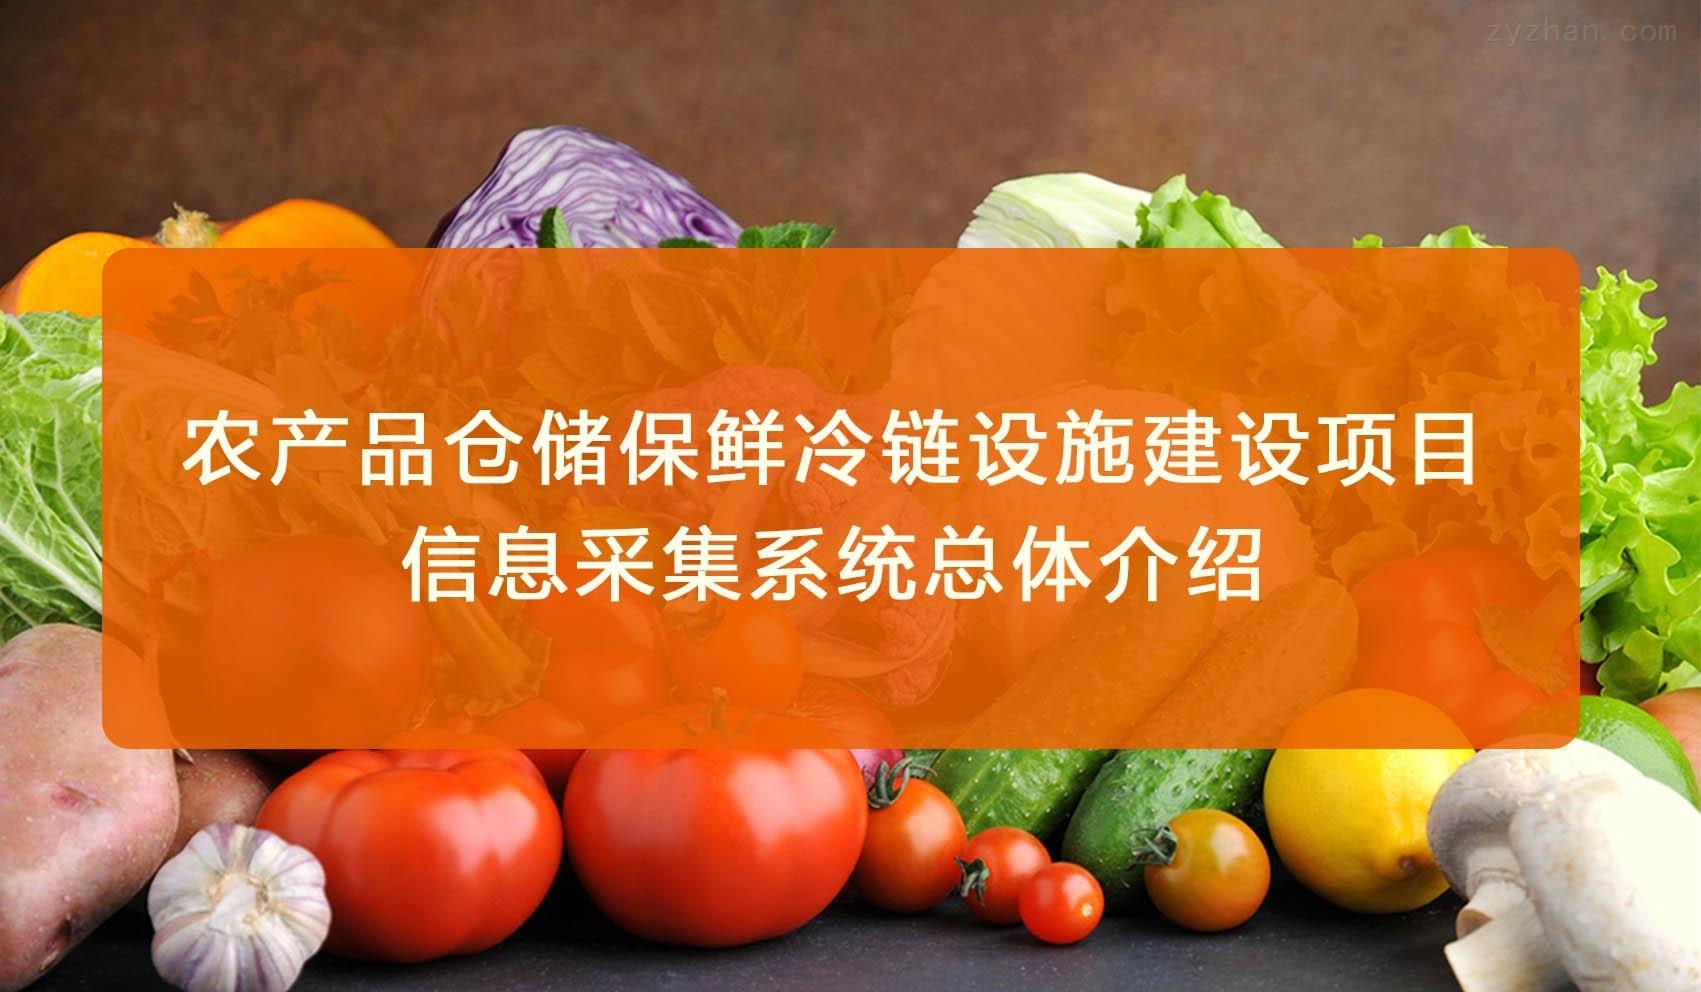 农产品仓储保鲜冷链设施建设项目市场信息采集系统